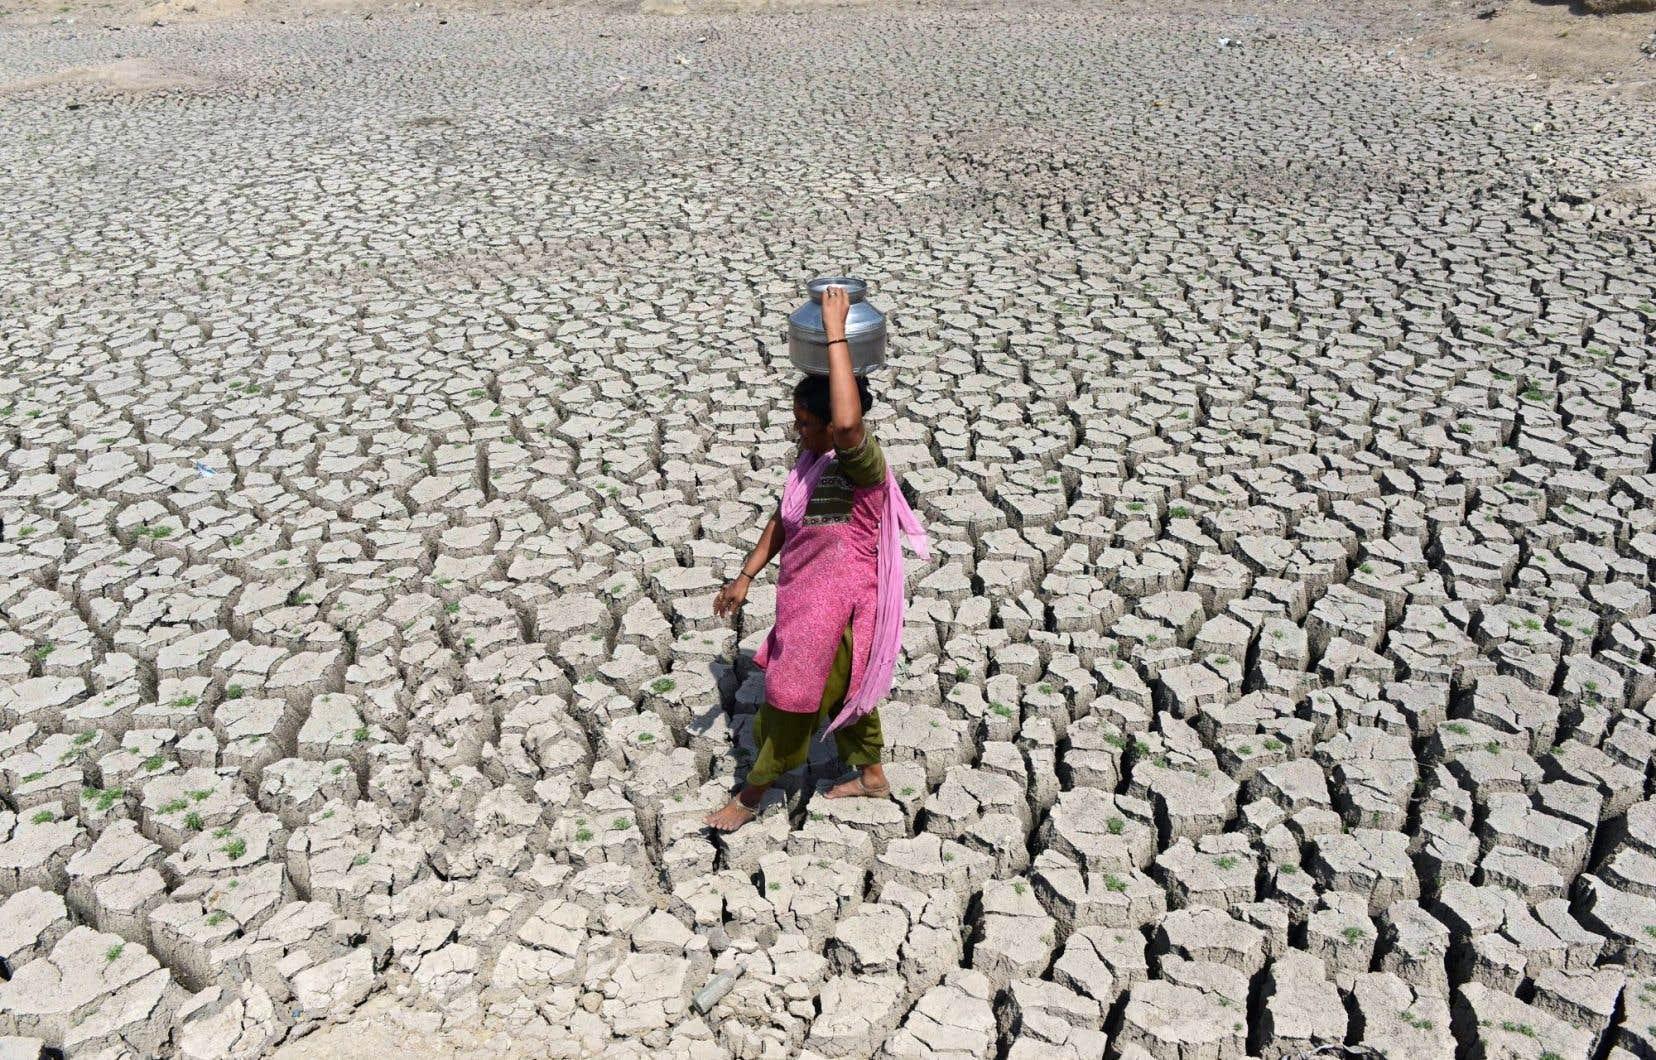 Une femme marche sur le lac desséché Chandola, en Inde, pour aller chercher de l'eau dans la ville d'Ahmedabad, en mai 2016. L'Inde a fait face à sa pire sécheresse depuis des décennies. Environ 330 millions de personnes, soit un quart de la population, ont souffert du manque d'eau après deux semaines de mousson.